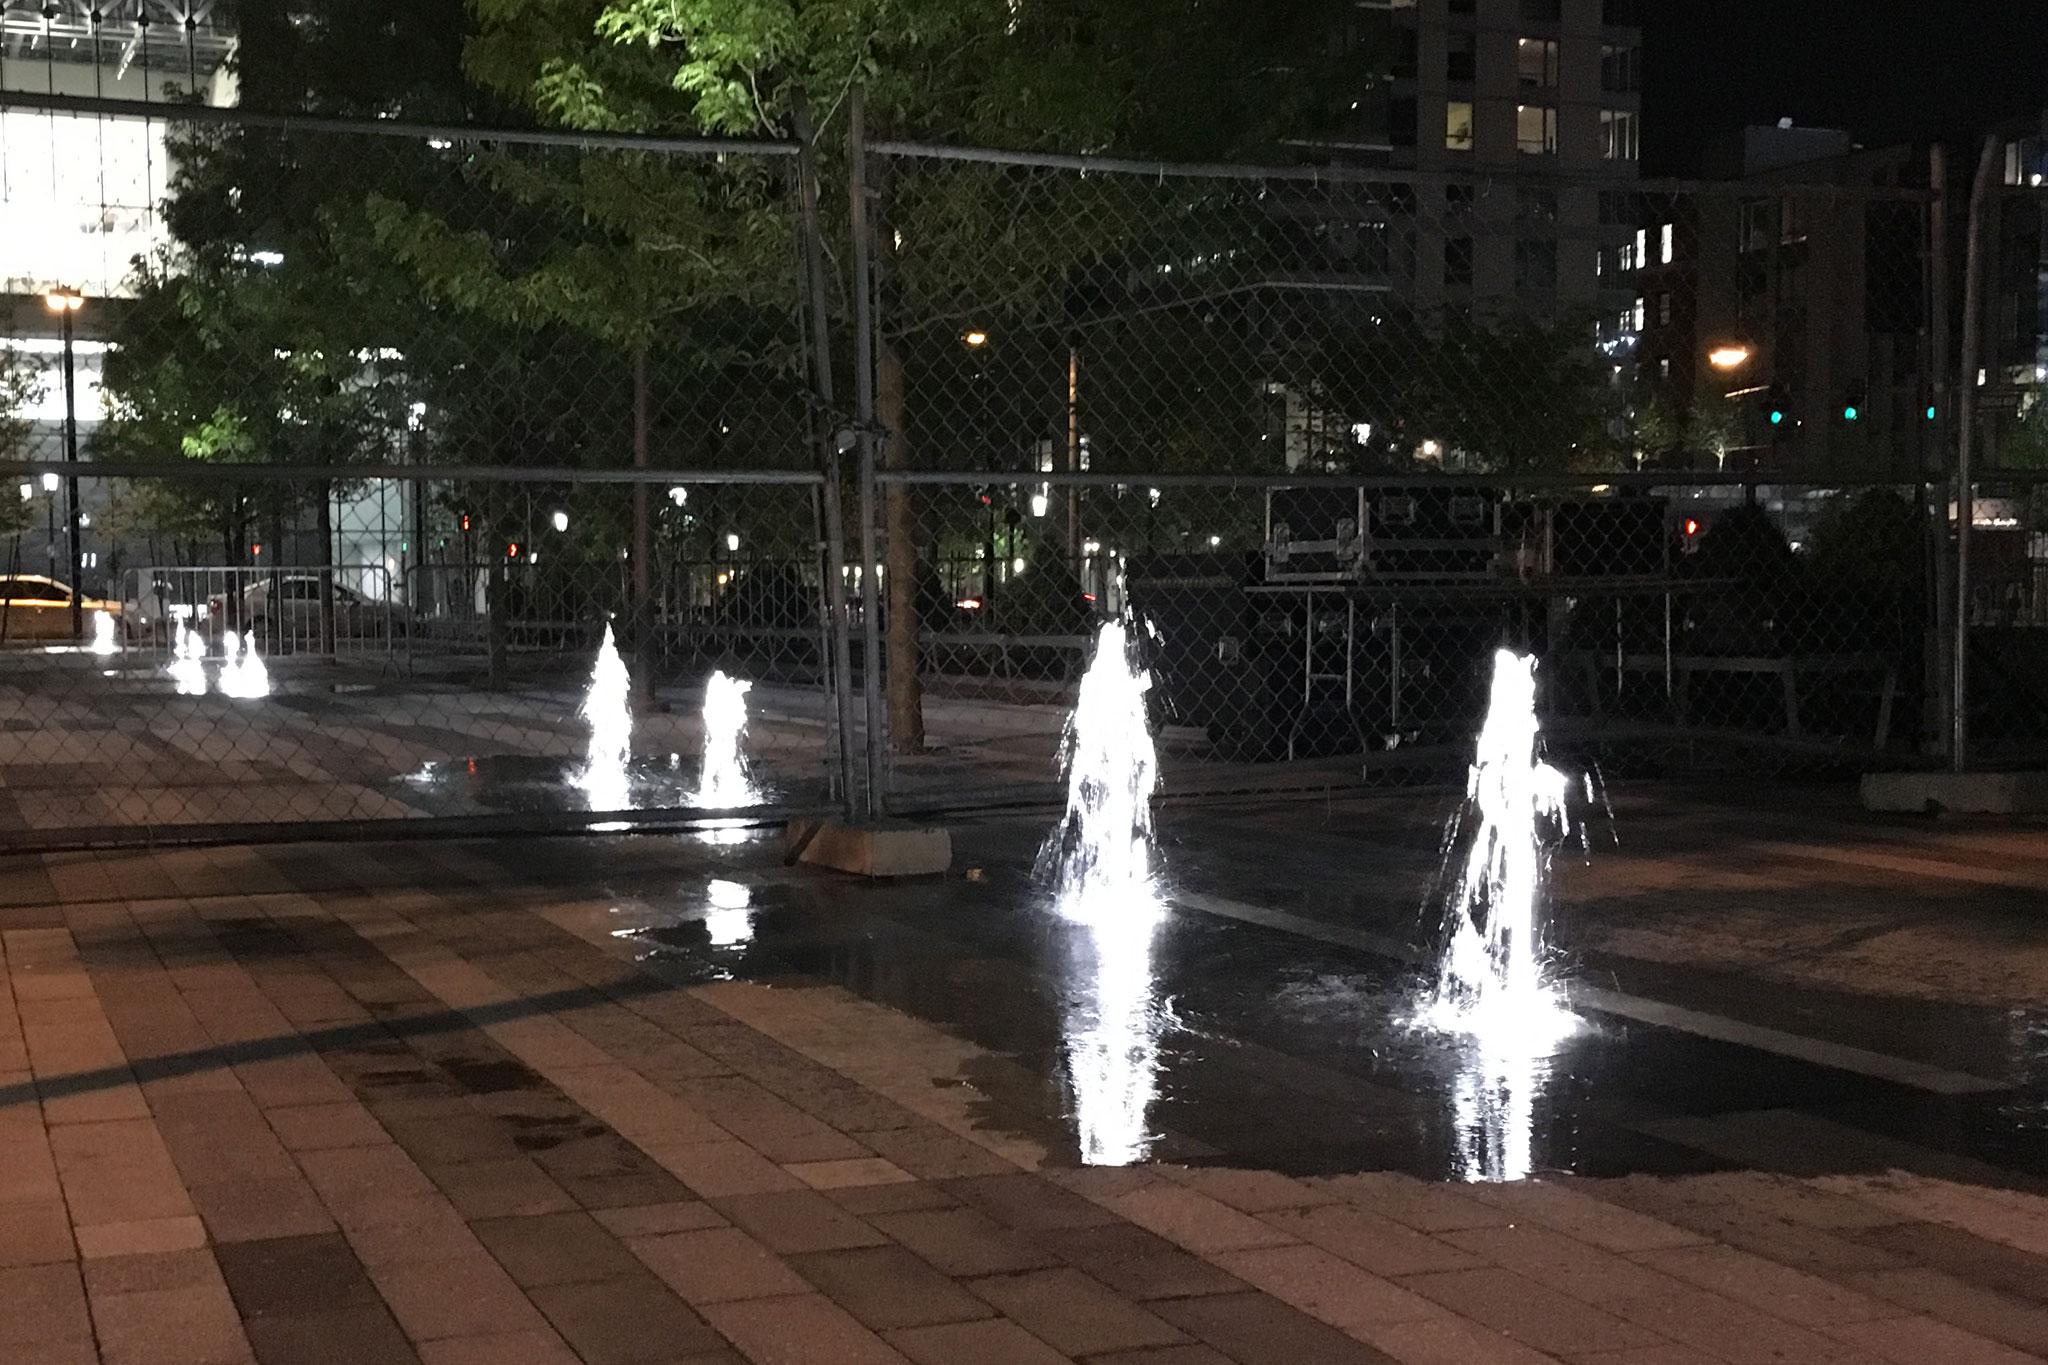 Seaport Interactive Fountain